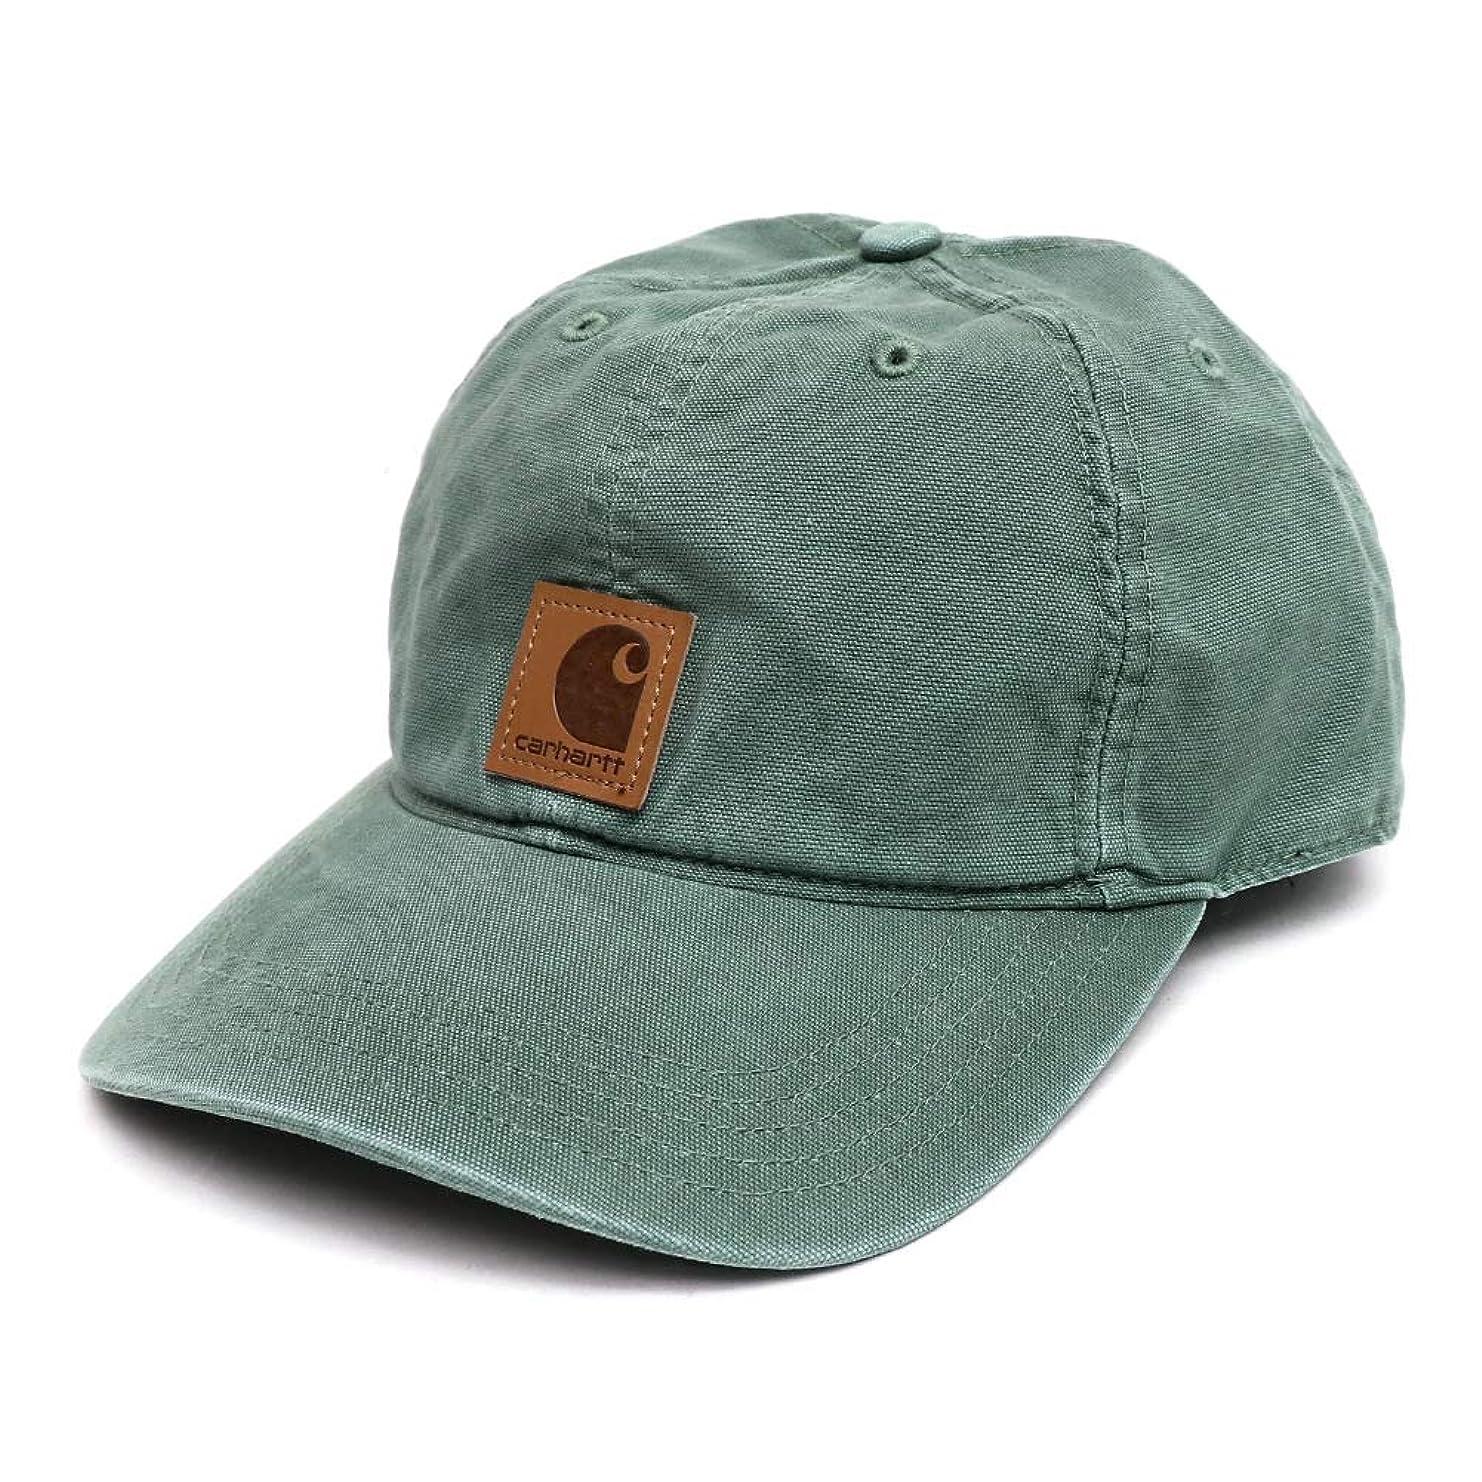 シロクマ同一のロッカー[ カーハート ] Carhartt キャップ 帽子 オデッサキャップ コットン 100289 Odessa Cap メンズ レディース ワークウェア プレゼント ギフト [並行輸入品]